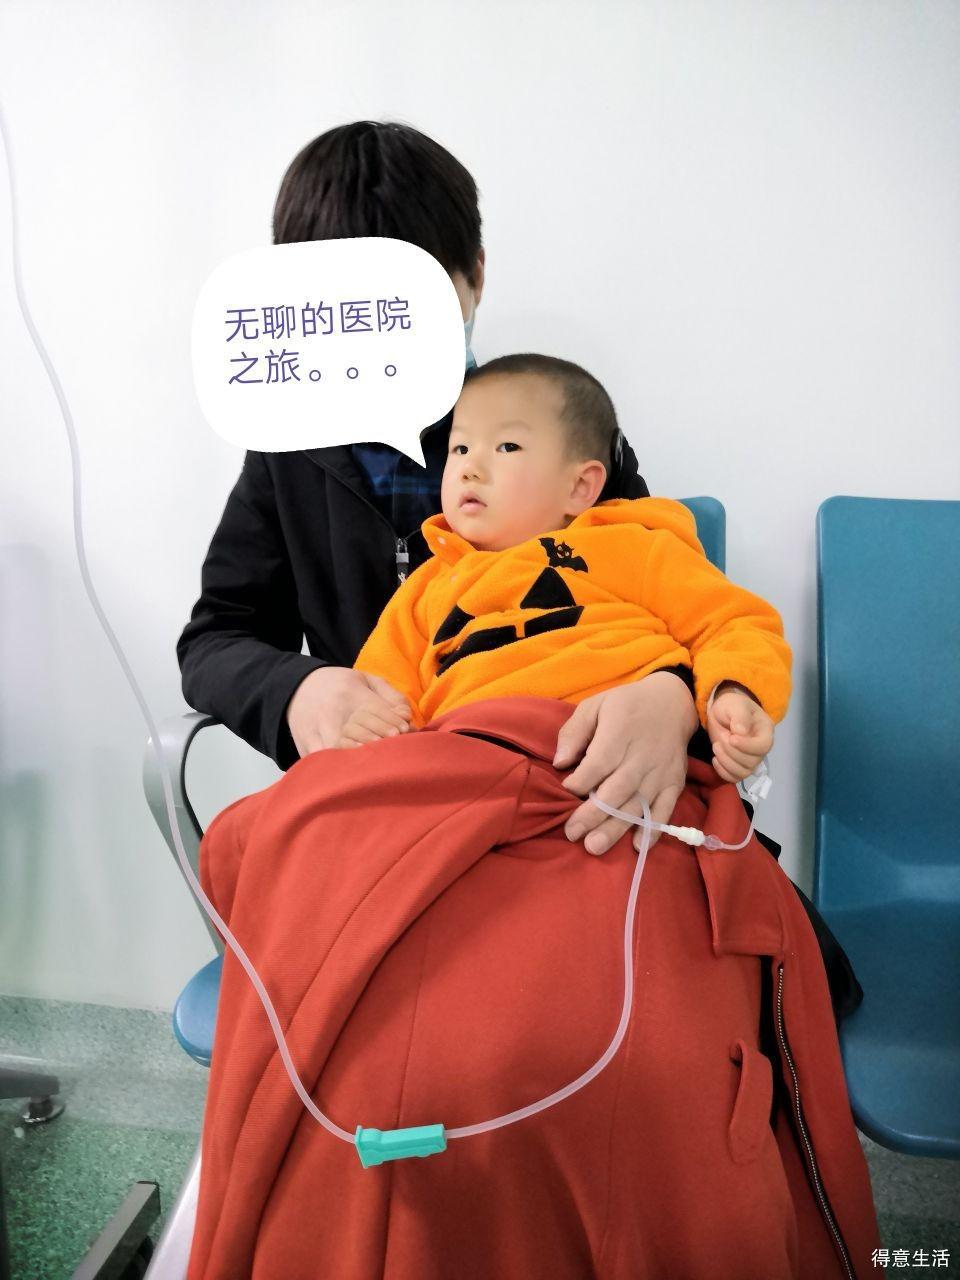 记录汤圆去脚底痣的全过程,附武汉市儿童医院最新住院指南!